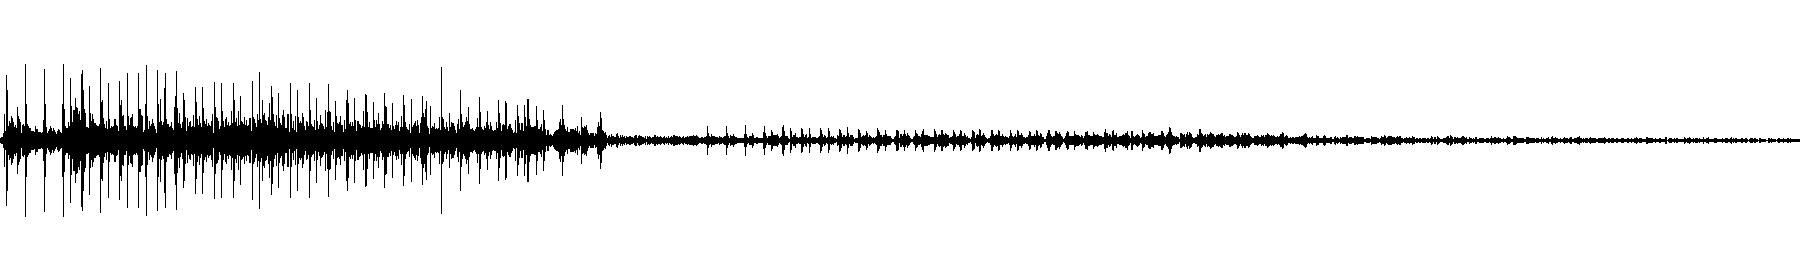 veh2 synths   064 c